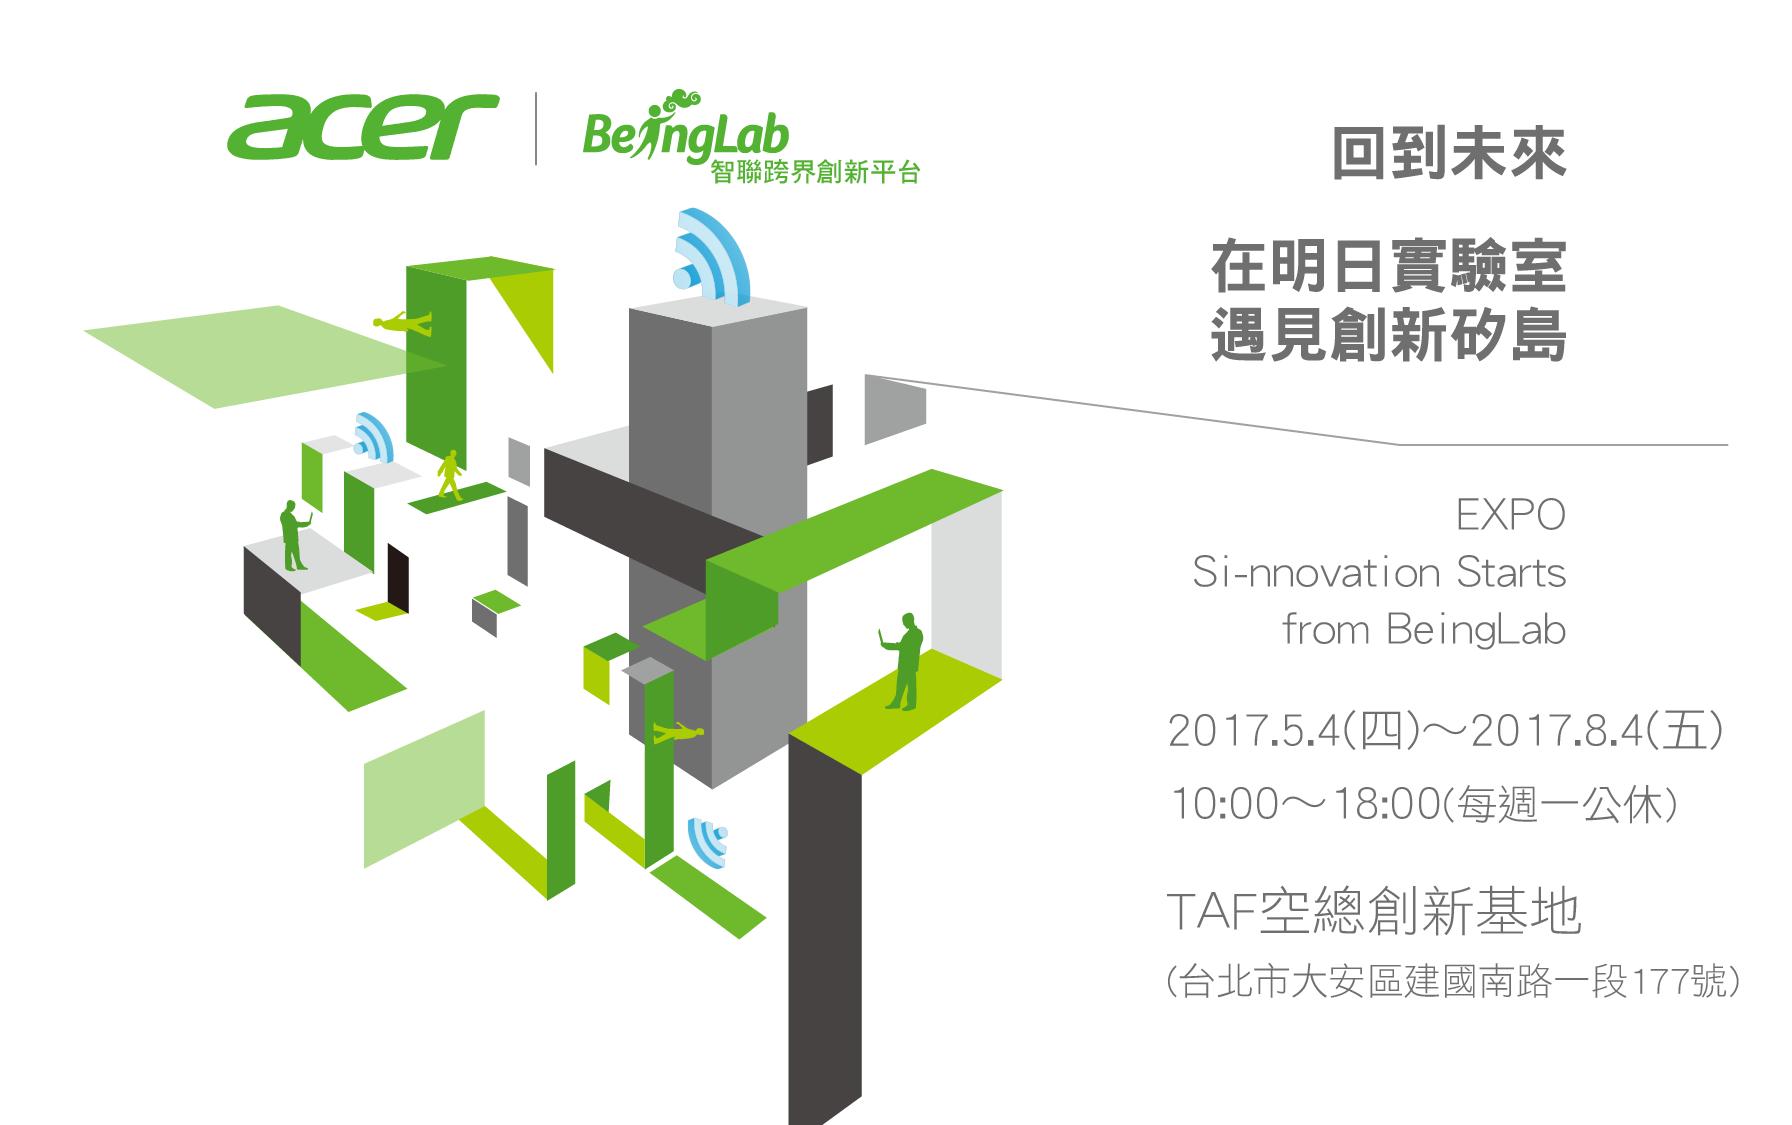 宏碁 BeingLab 智聯跨界創新平台